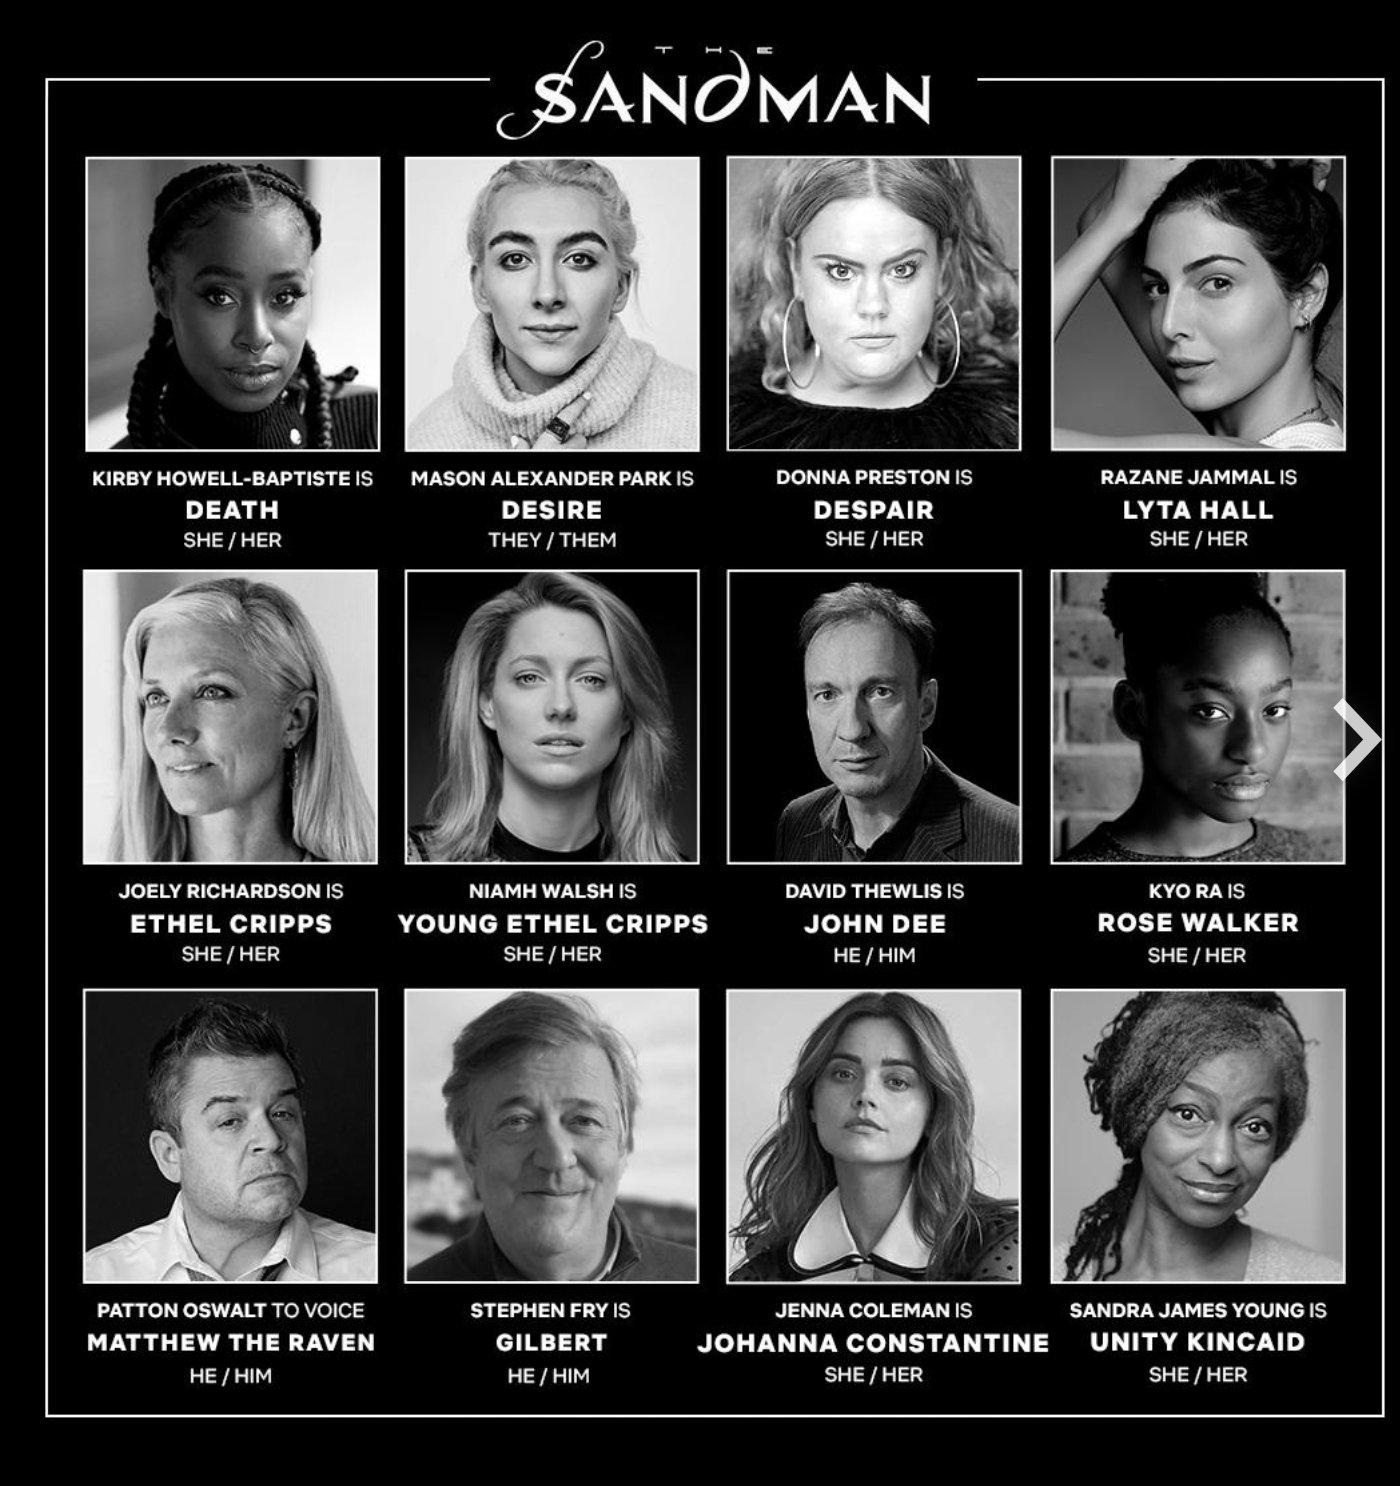 Nouveaux membres du casting annoncés pour la série originale The Sandman de Netflix